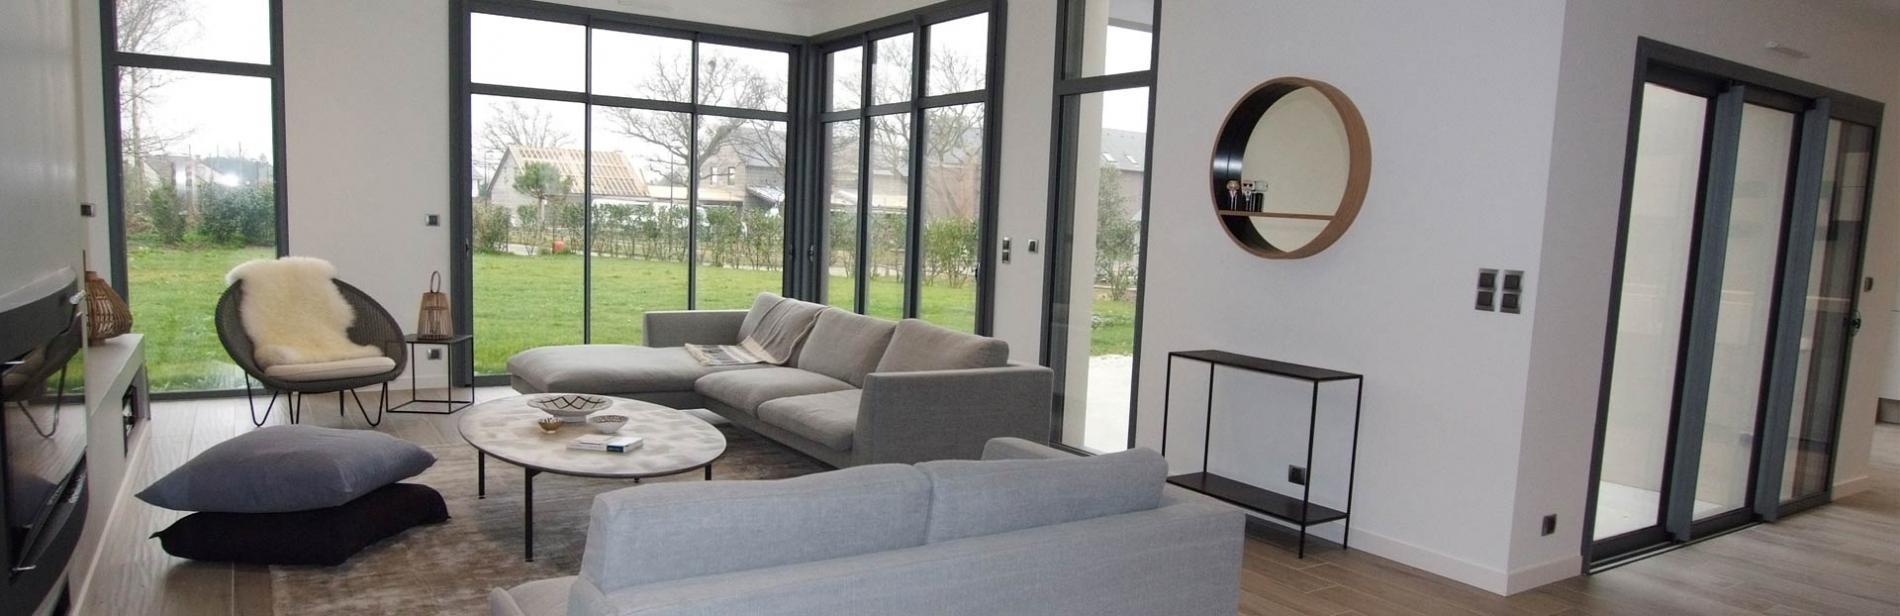 ma tre d 39 oeuvre rennes ille et vilaine. Black Bedroom Furniture Sets. Home Design Ideas